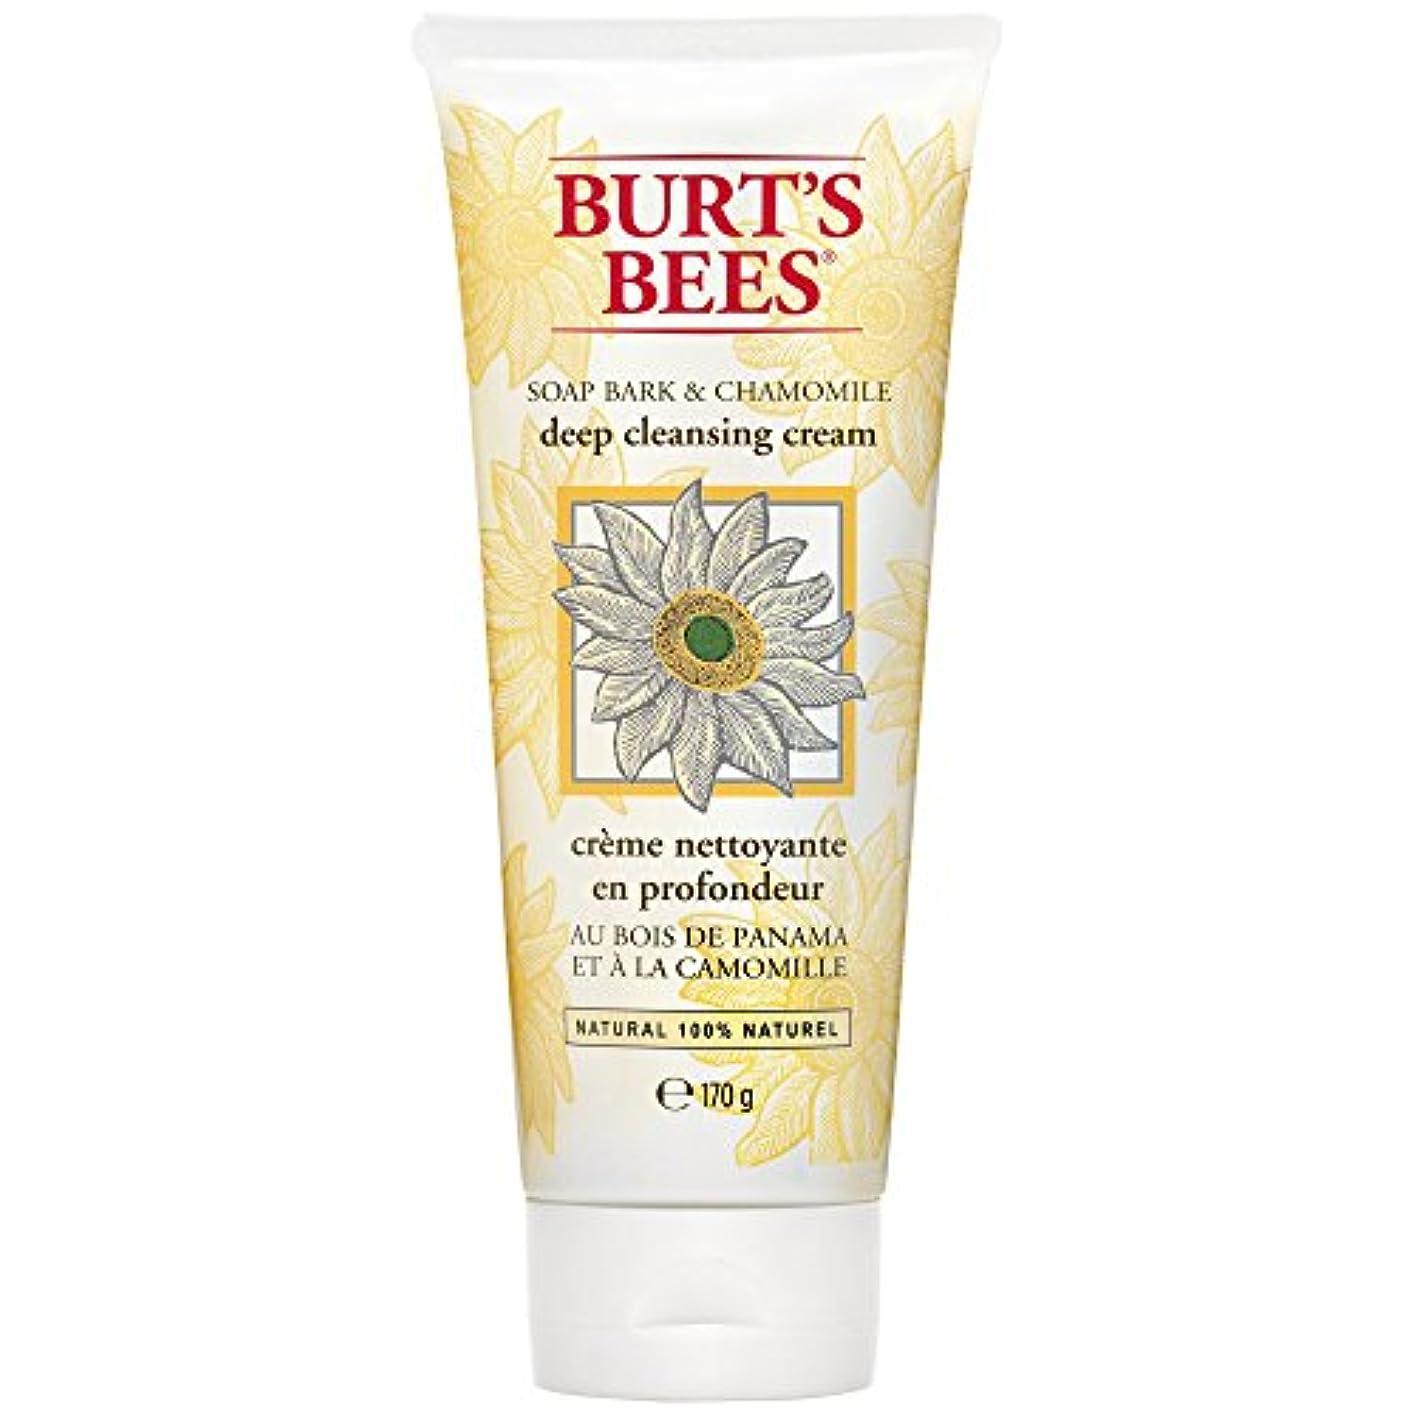 スイング黒人共産主義バートのBees?ソープバーク??&カモミールディープクレンジングクリーム170グラム (Burt's Bees) - Burt's Bees? Soap Bark & Chamomile Deep Cleansing...